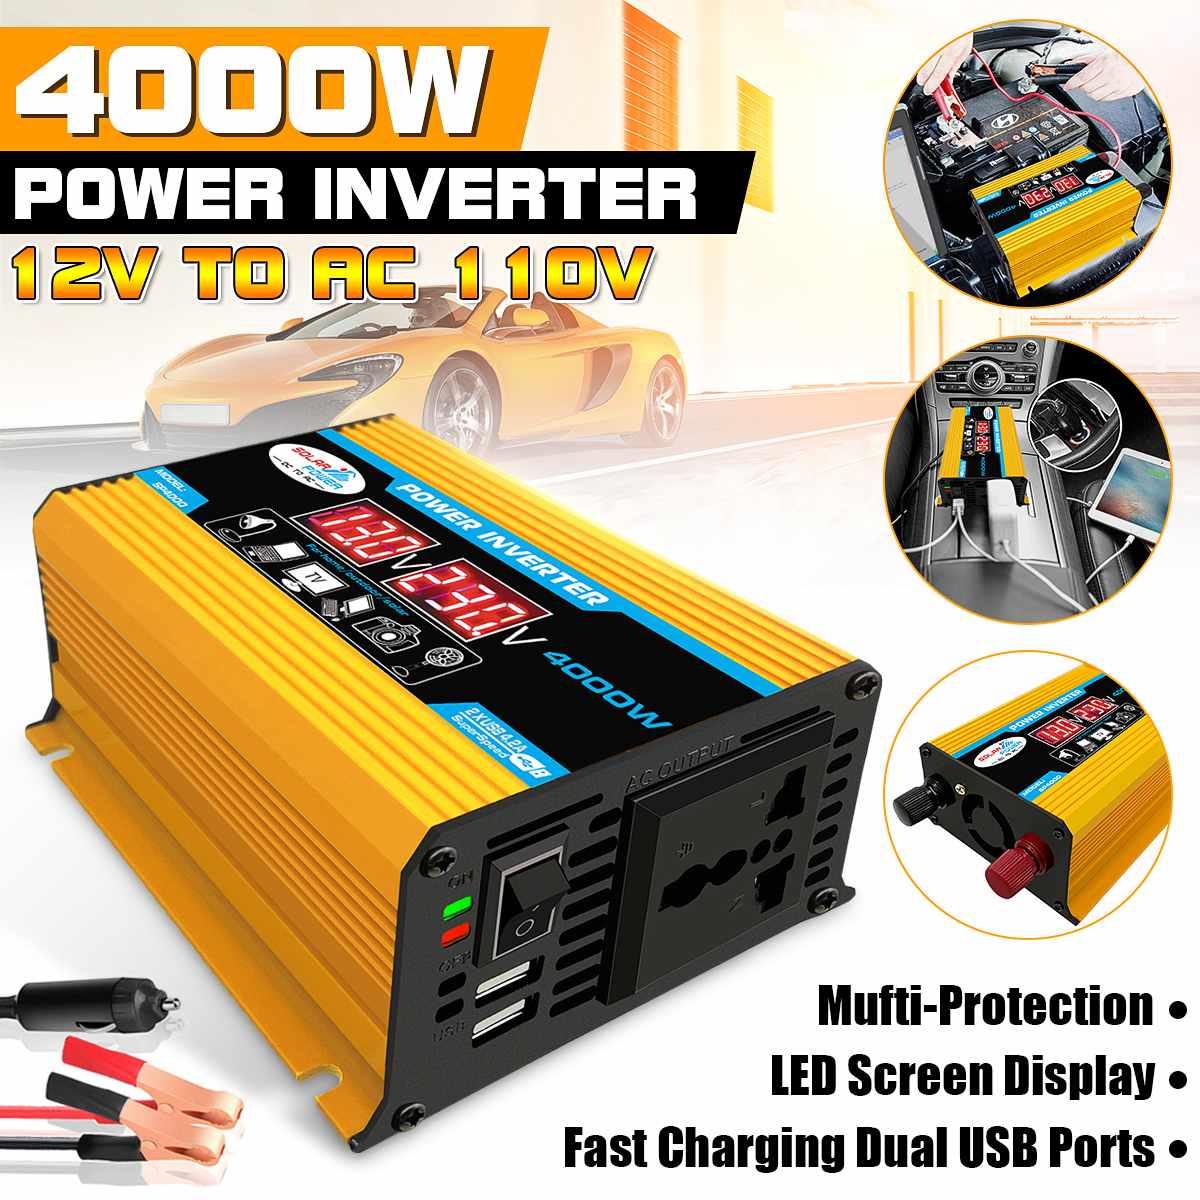 4000 Вт 12 В до 220 В/110 В двойной USB автомобильный преобразователь мощности, зарядное устройство, адаптер, трансформатор напряжения, модифициров... title=